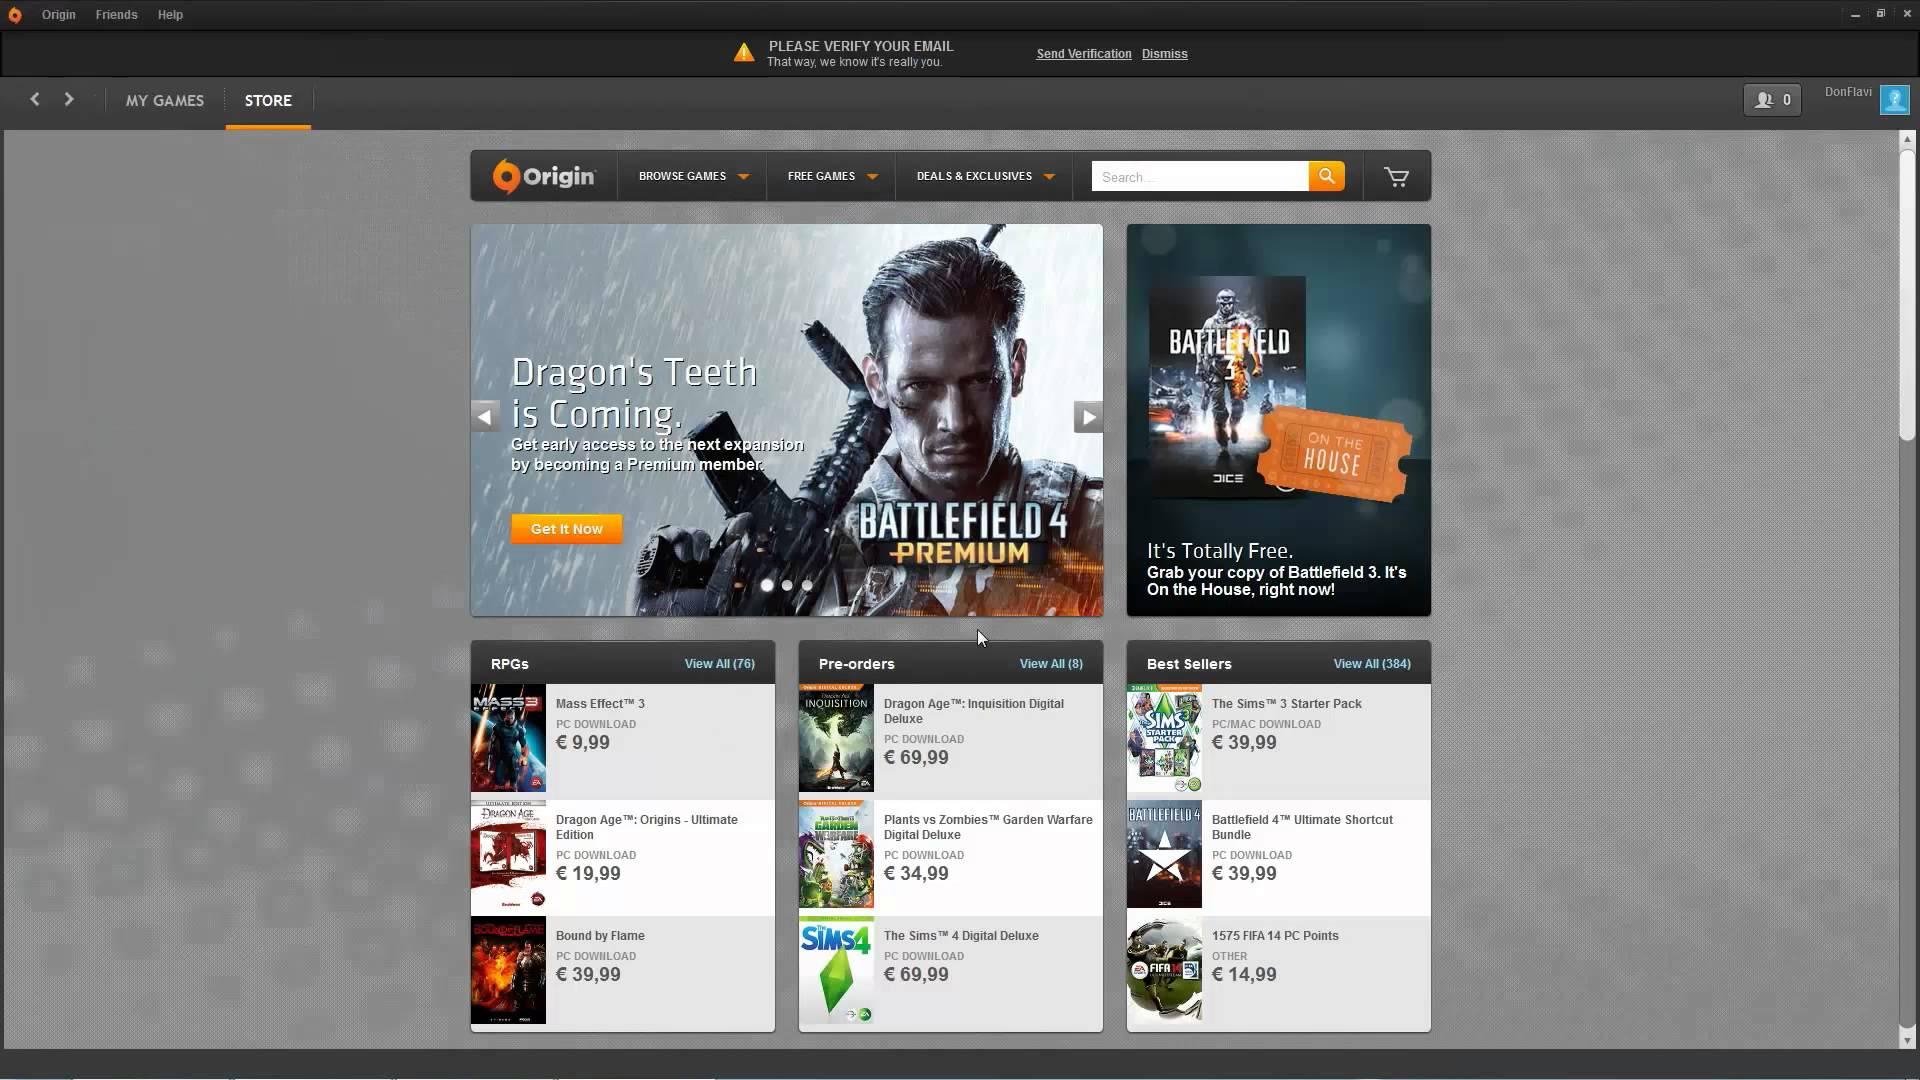 Battlefield 3 COMPLET GRATUIT Pana in Data de 6 Iunie